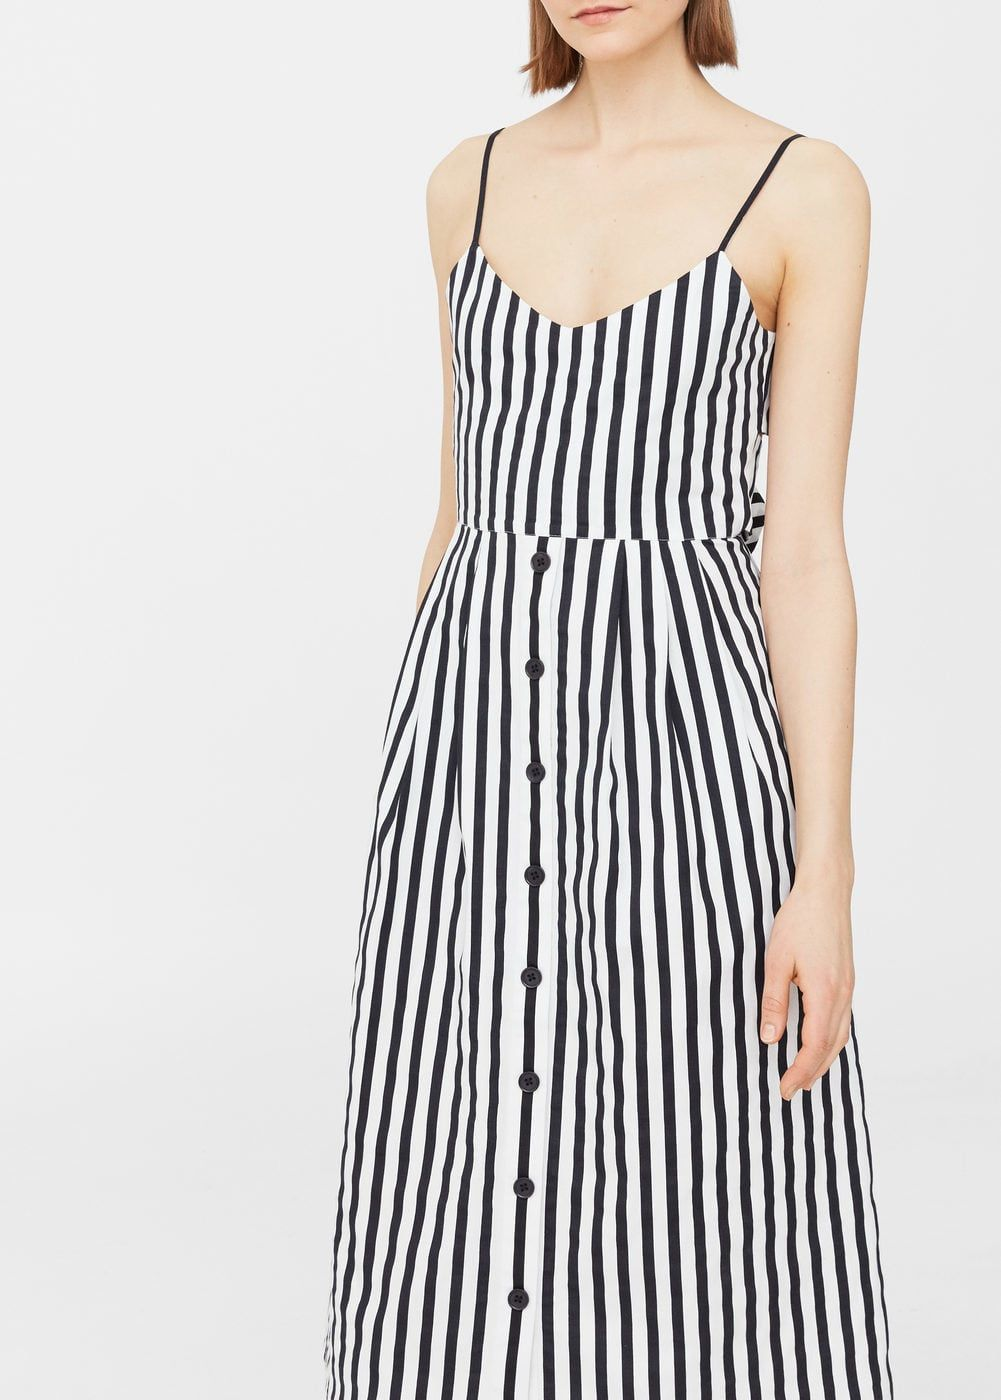 Striped cotton dress - Women  31911447cc58